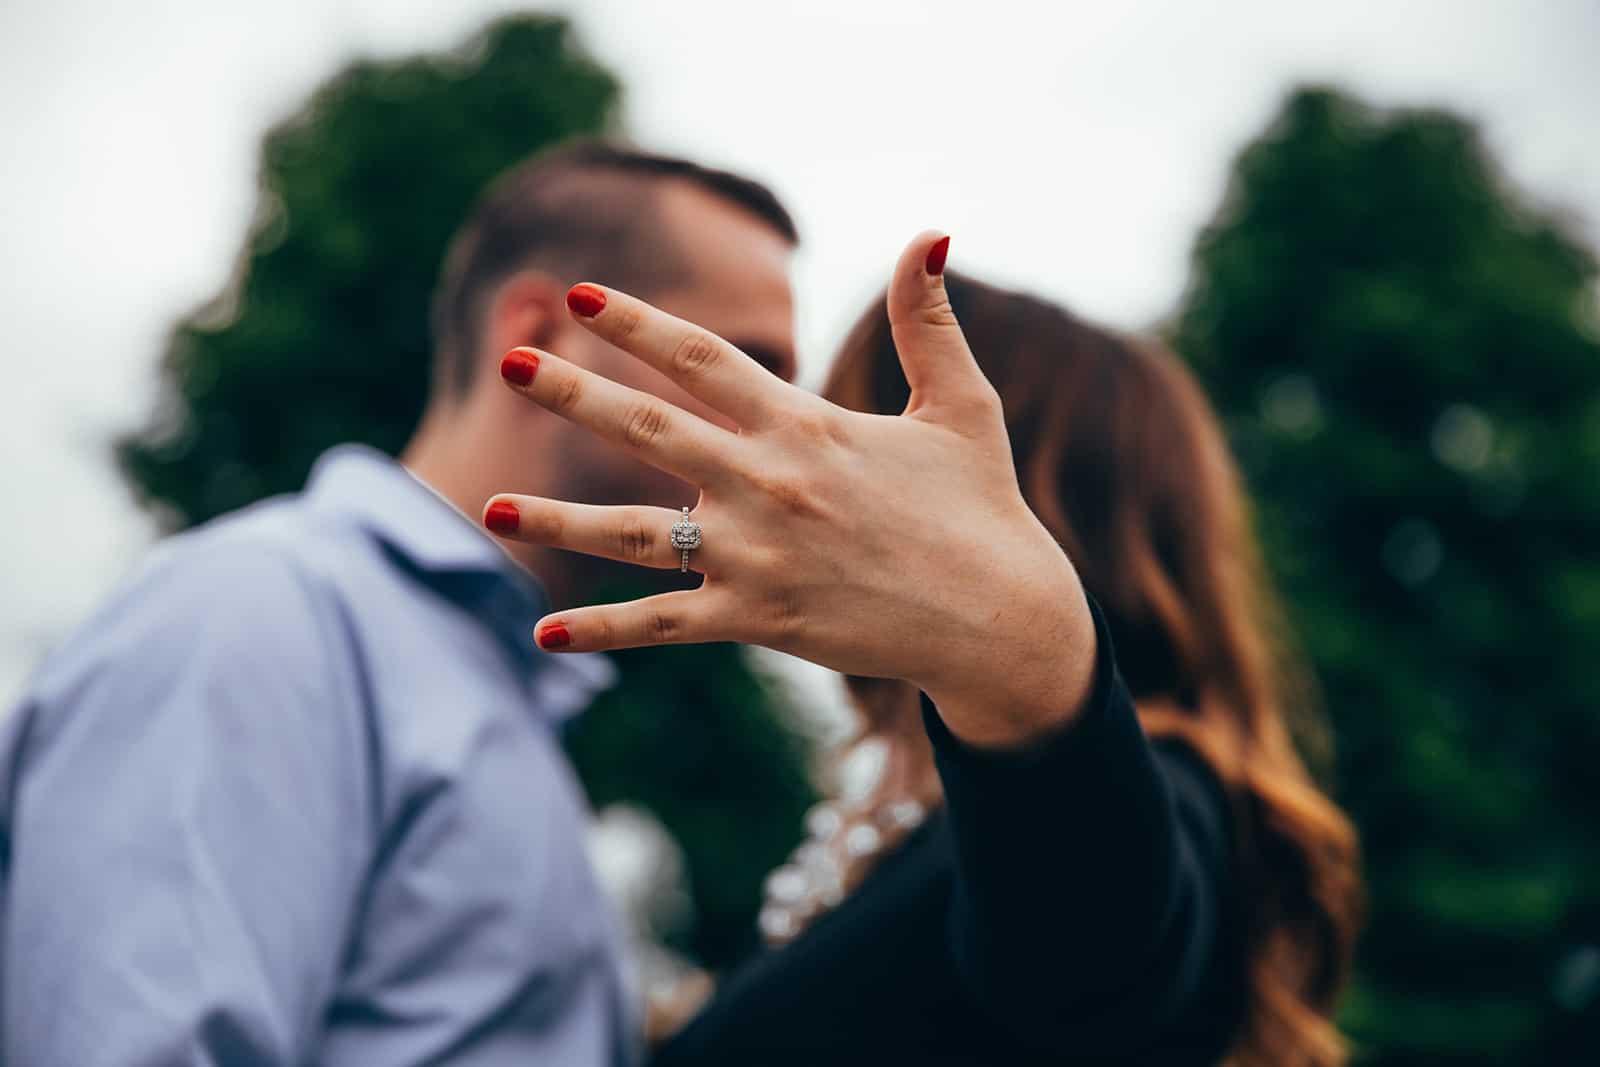 Eine Frau zeigt ihren Ring an einer Hand, während sie sich mit einem Mann küsst